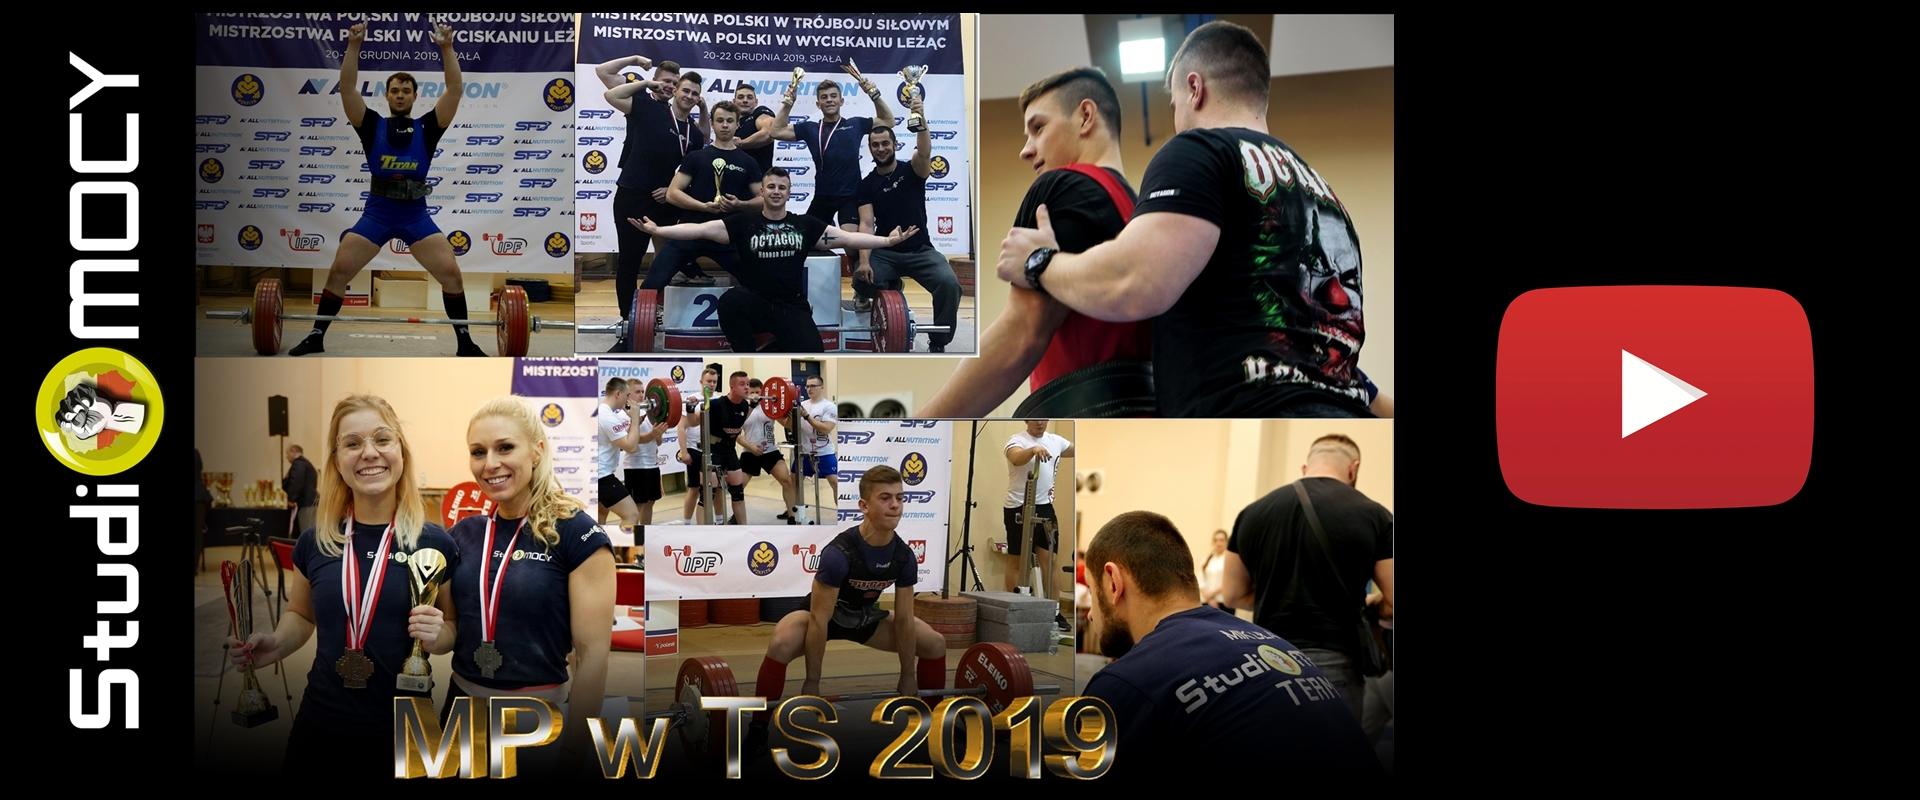 Studio Mocy na Mistrzostwach Polski w Trójboju Siłowym Spała 2019